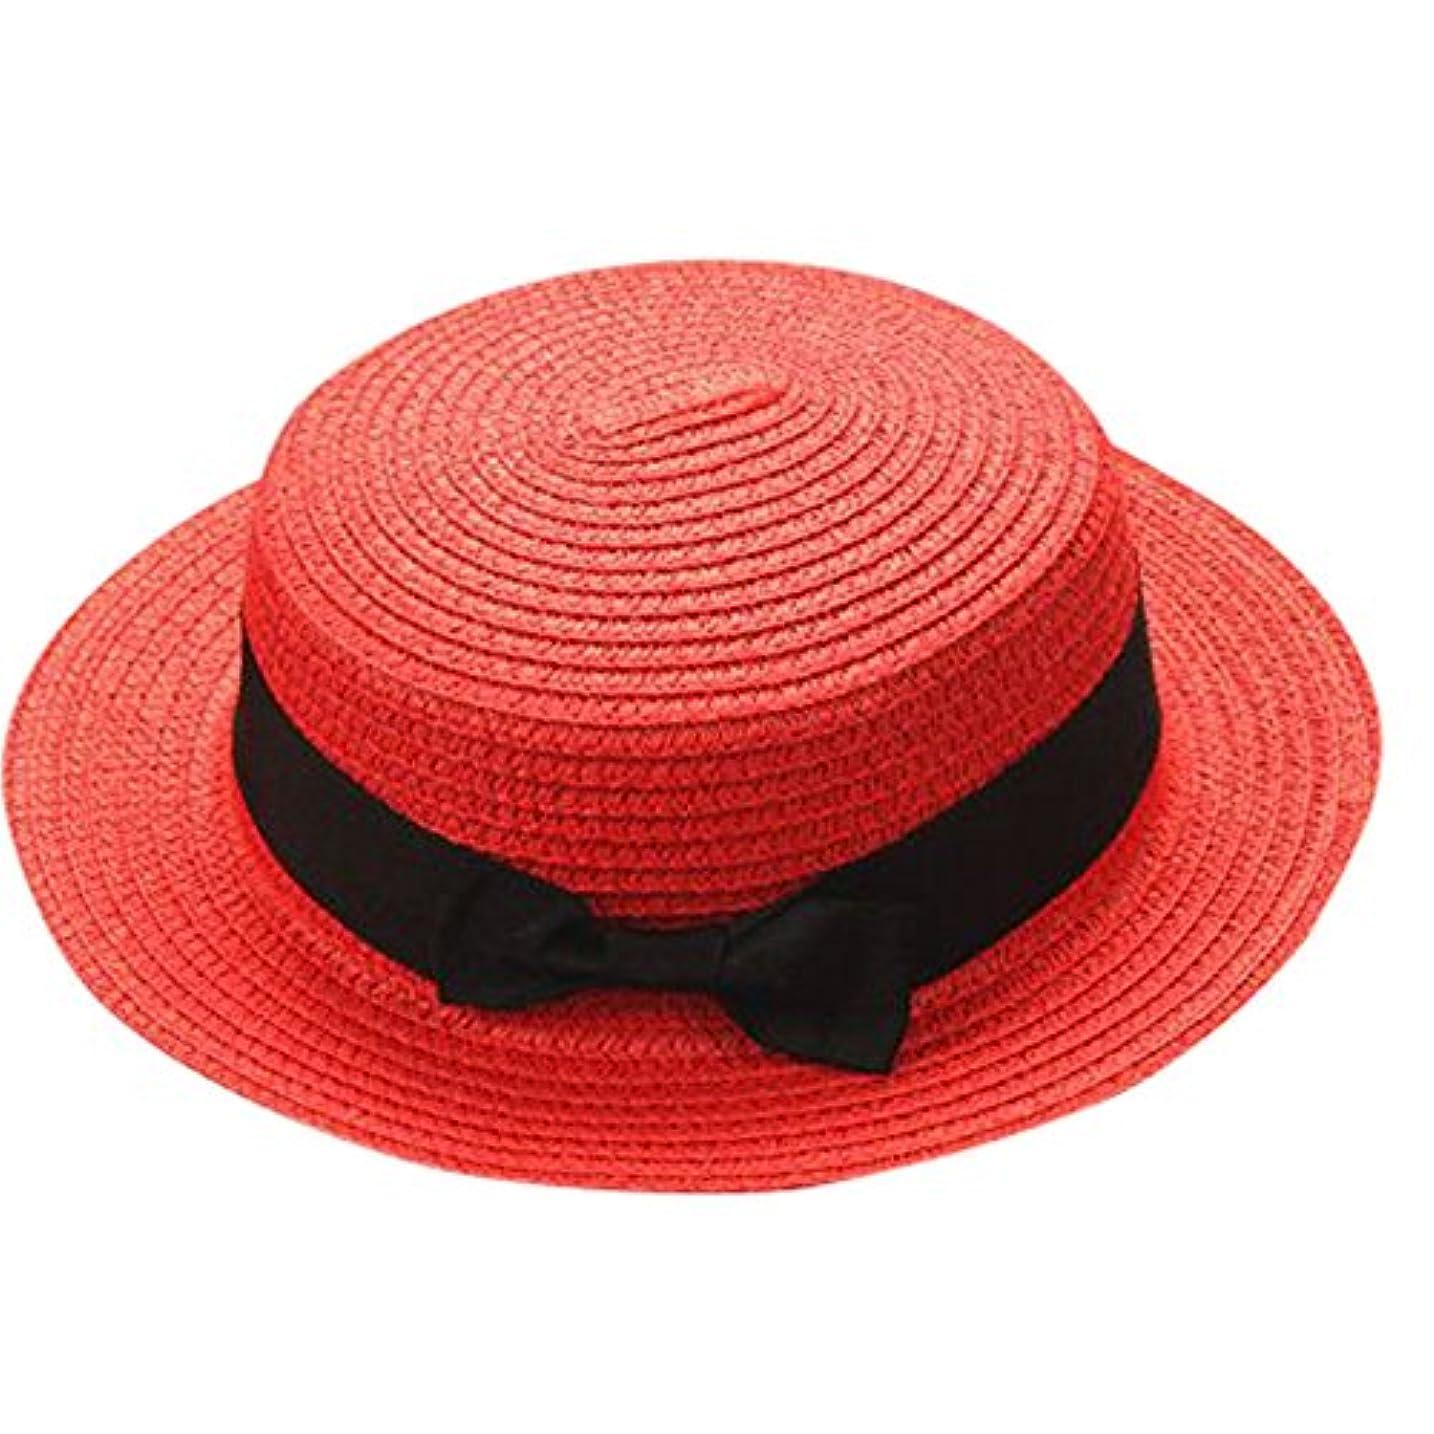 対やるラメキャップ キッズ 日よけ 帽子 小顔効果抜群 旅行用 日よけ 夏 ビーチ 海辺 かわいい リゾート 紫外線対策 男女兼用 日焼け防止 熱中症予防 取り外すあご紐 つば広 おしゃれ 可愛い 夏 ROSE ROMAN